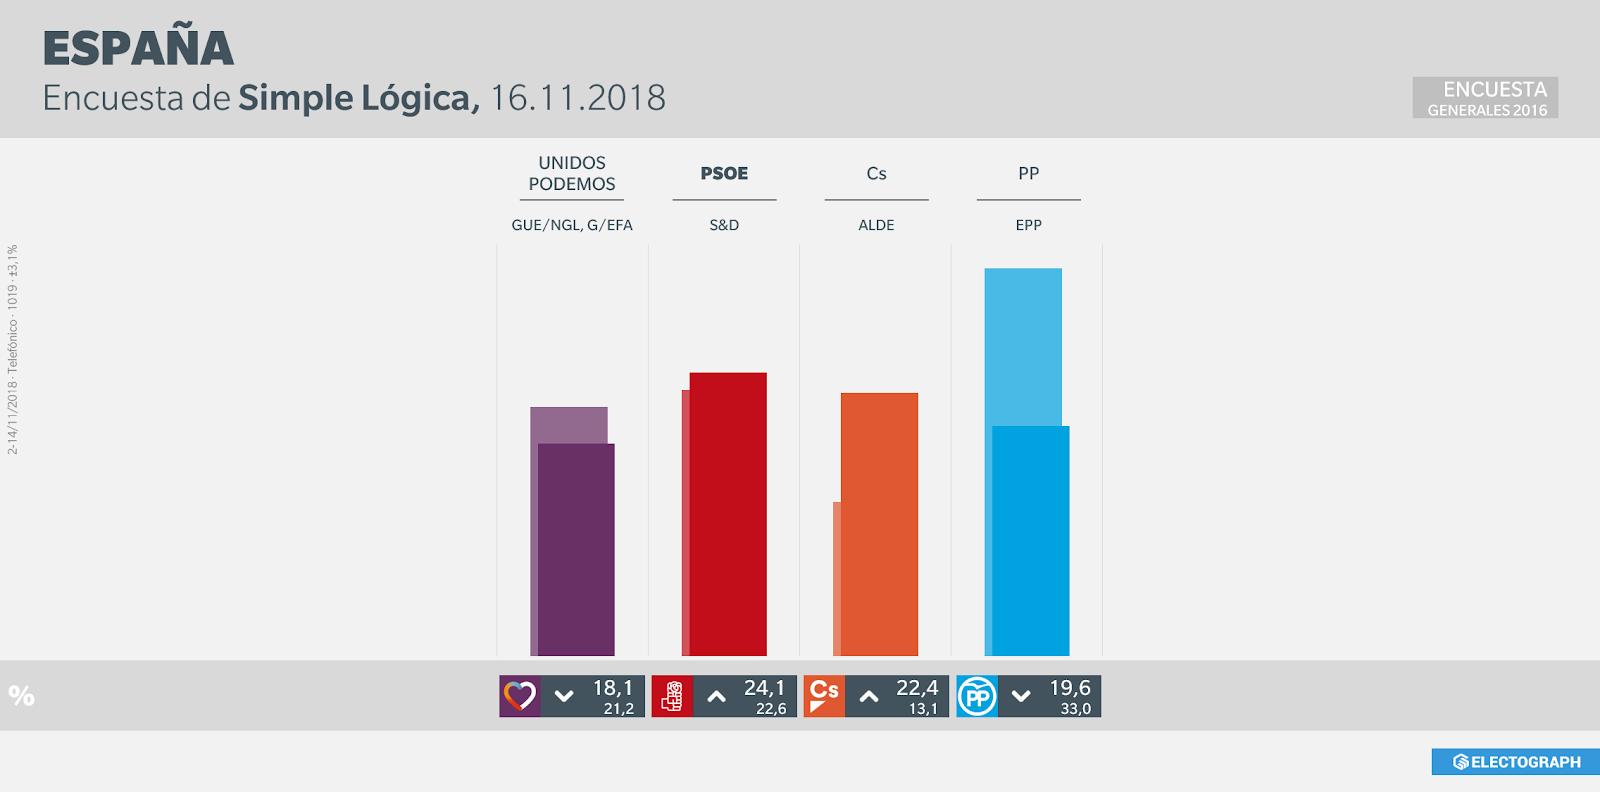 Gráfico de la encuesta para elecciones generales en España realizada por Simple Lógica en noviembre de 2018